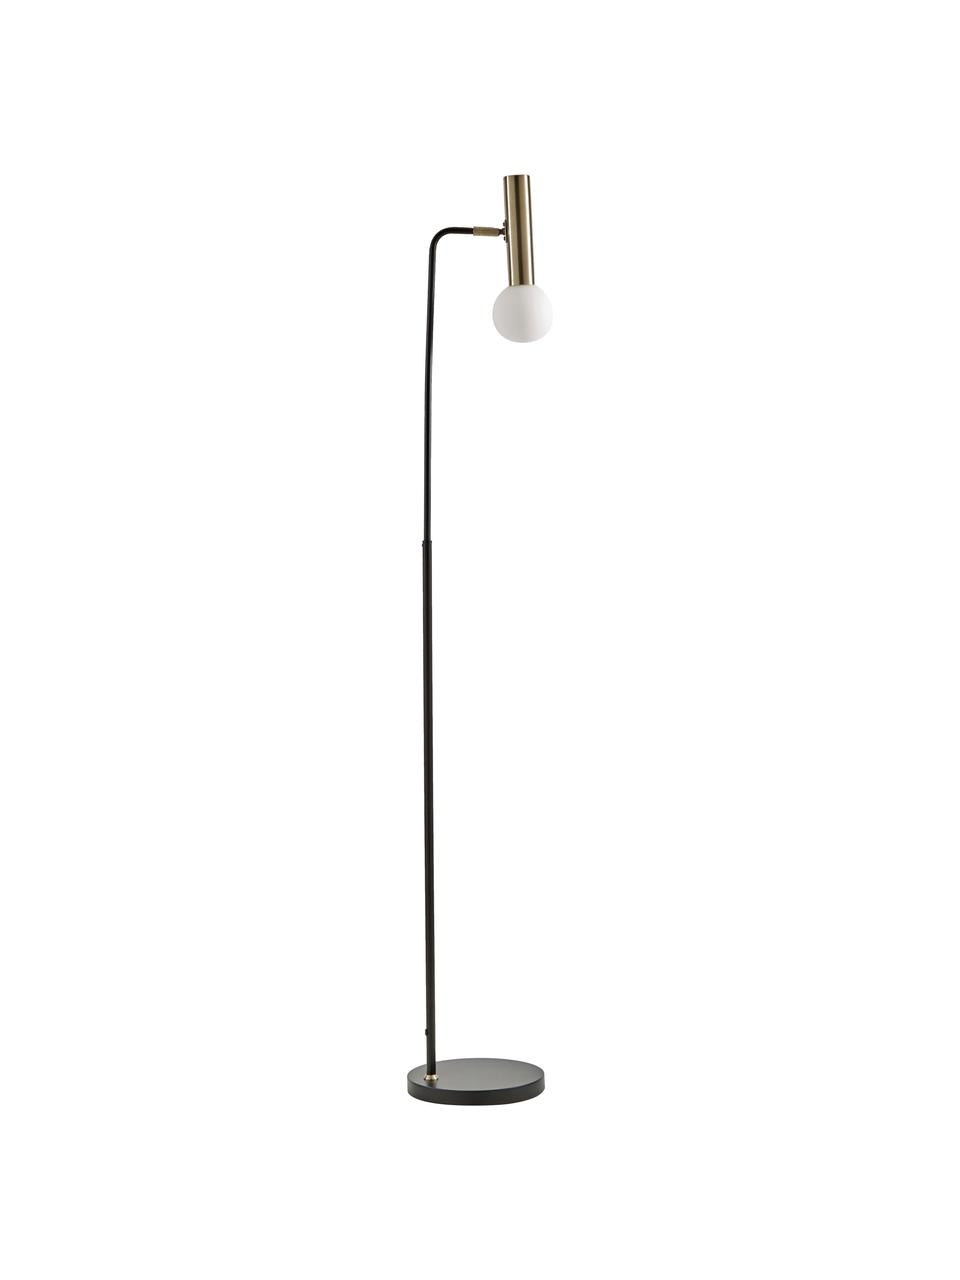 Leselampe Wilson mit Glasschirm, Lampenfuß: Metall, pulverbeschichtet, Lampenschirm: Glas, Schwarz, Ø 23 x H 151 cm